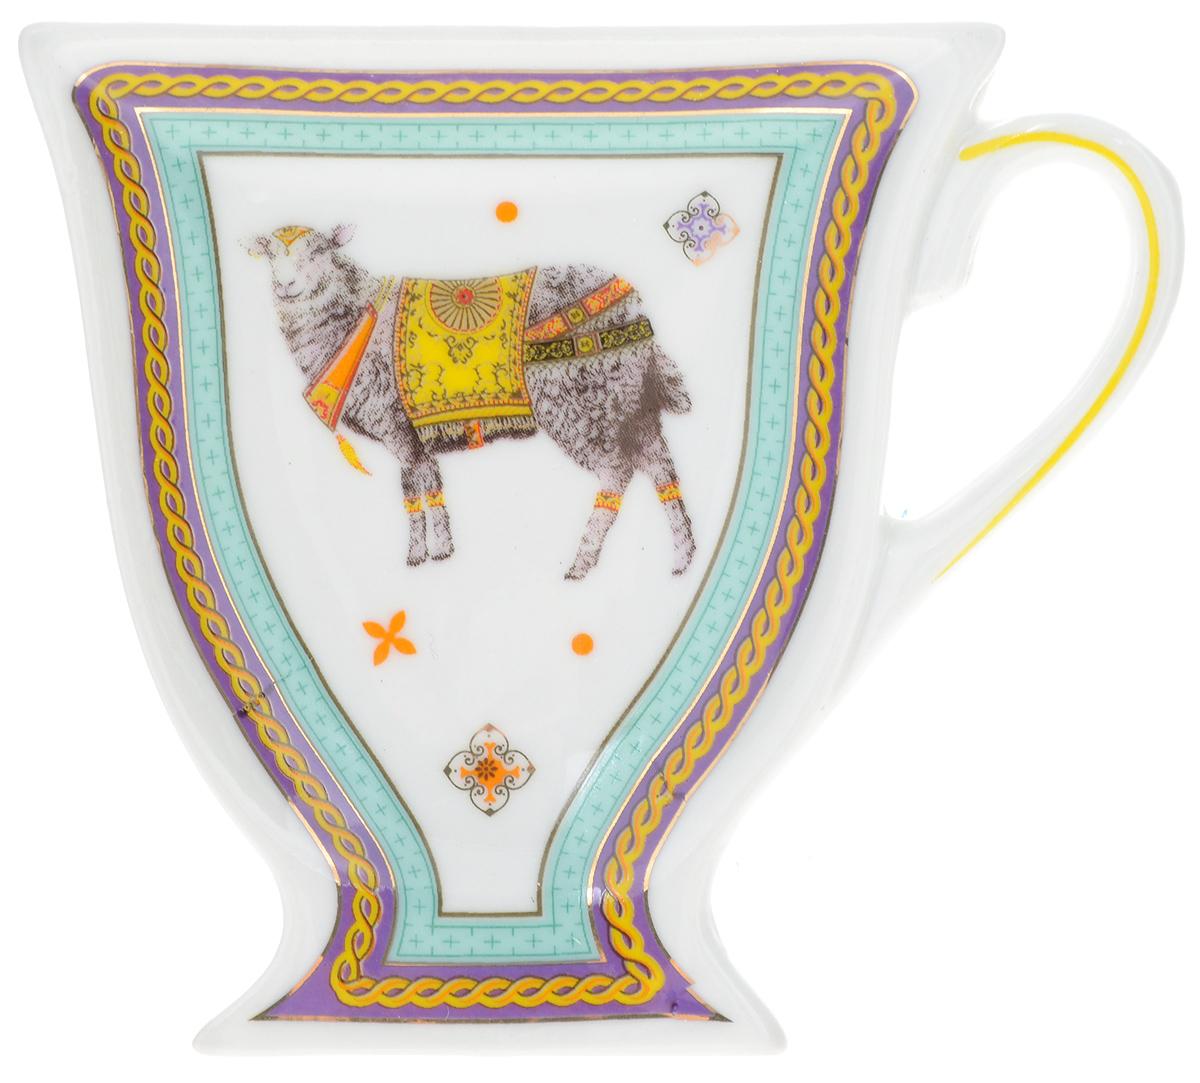 Подставка для чайных пакетиков Loraine Барашек. 2454624546Подставка Loraine Барашек, изготовленная из керамики, порадует вас оригинальностью и дизайном. Подставка выполнена в форме чашки и оформлена изображением барашка. С помощью такого блюдца для чайных пакетиков ваша столешница останется чистой.